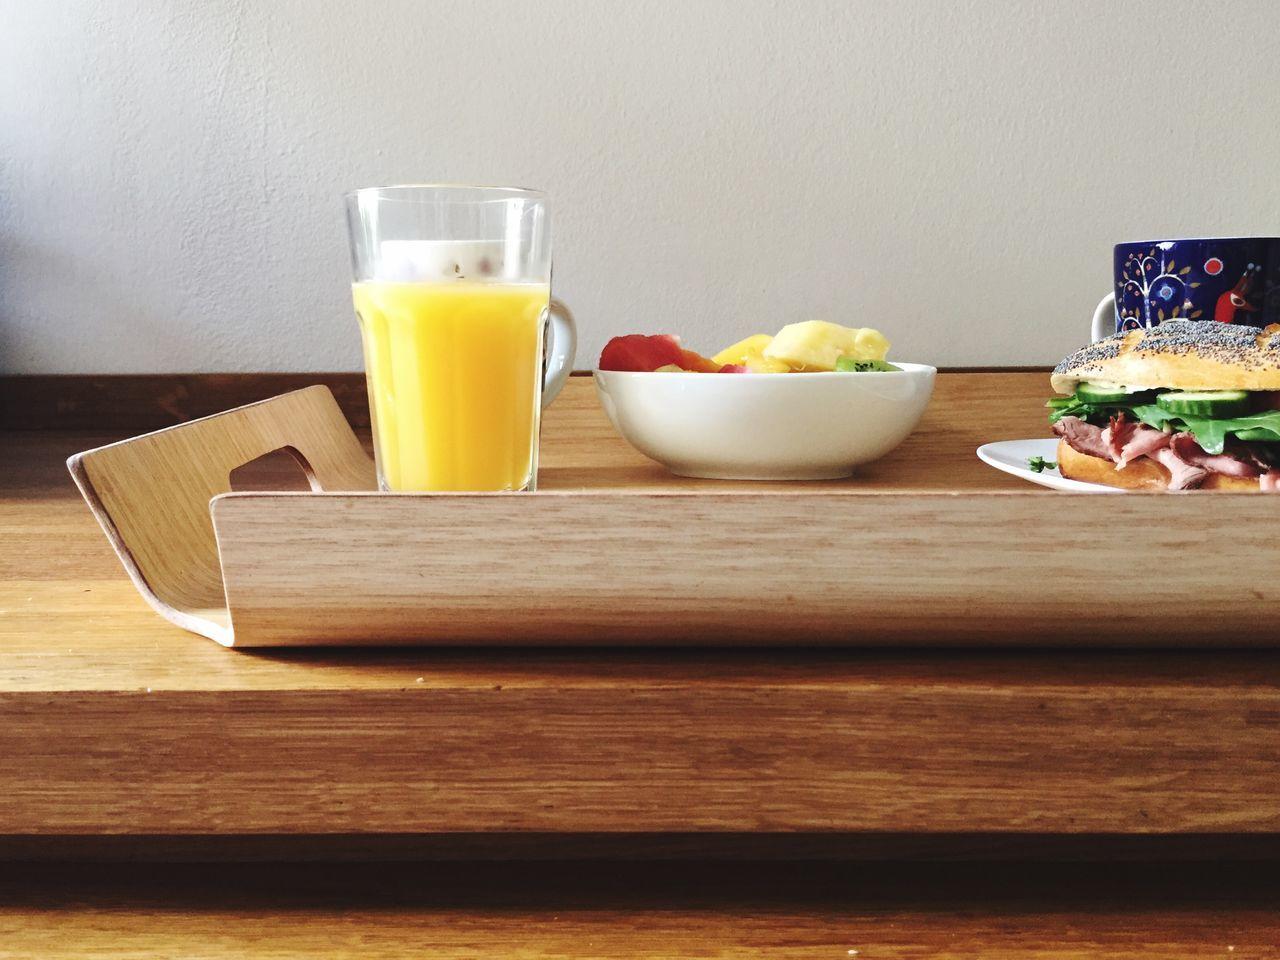 Breakfast Good Morning Orange Juice  Tablet Bread Sandwich Coffee Tee Time Break Food